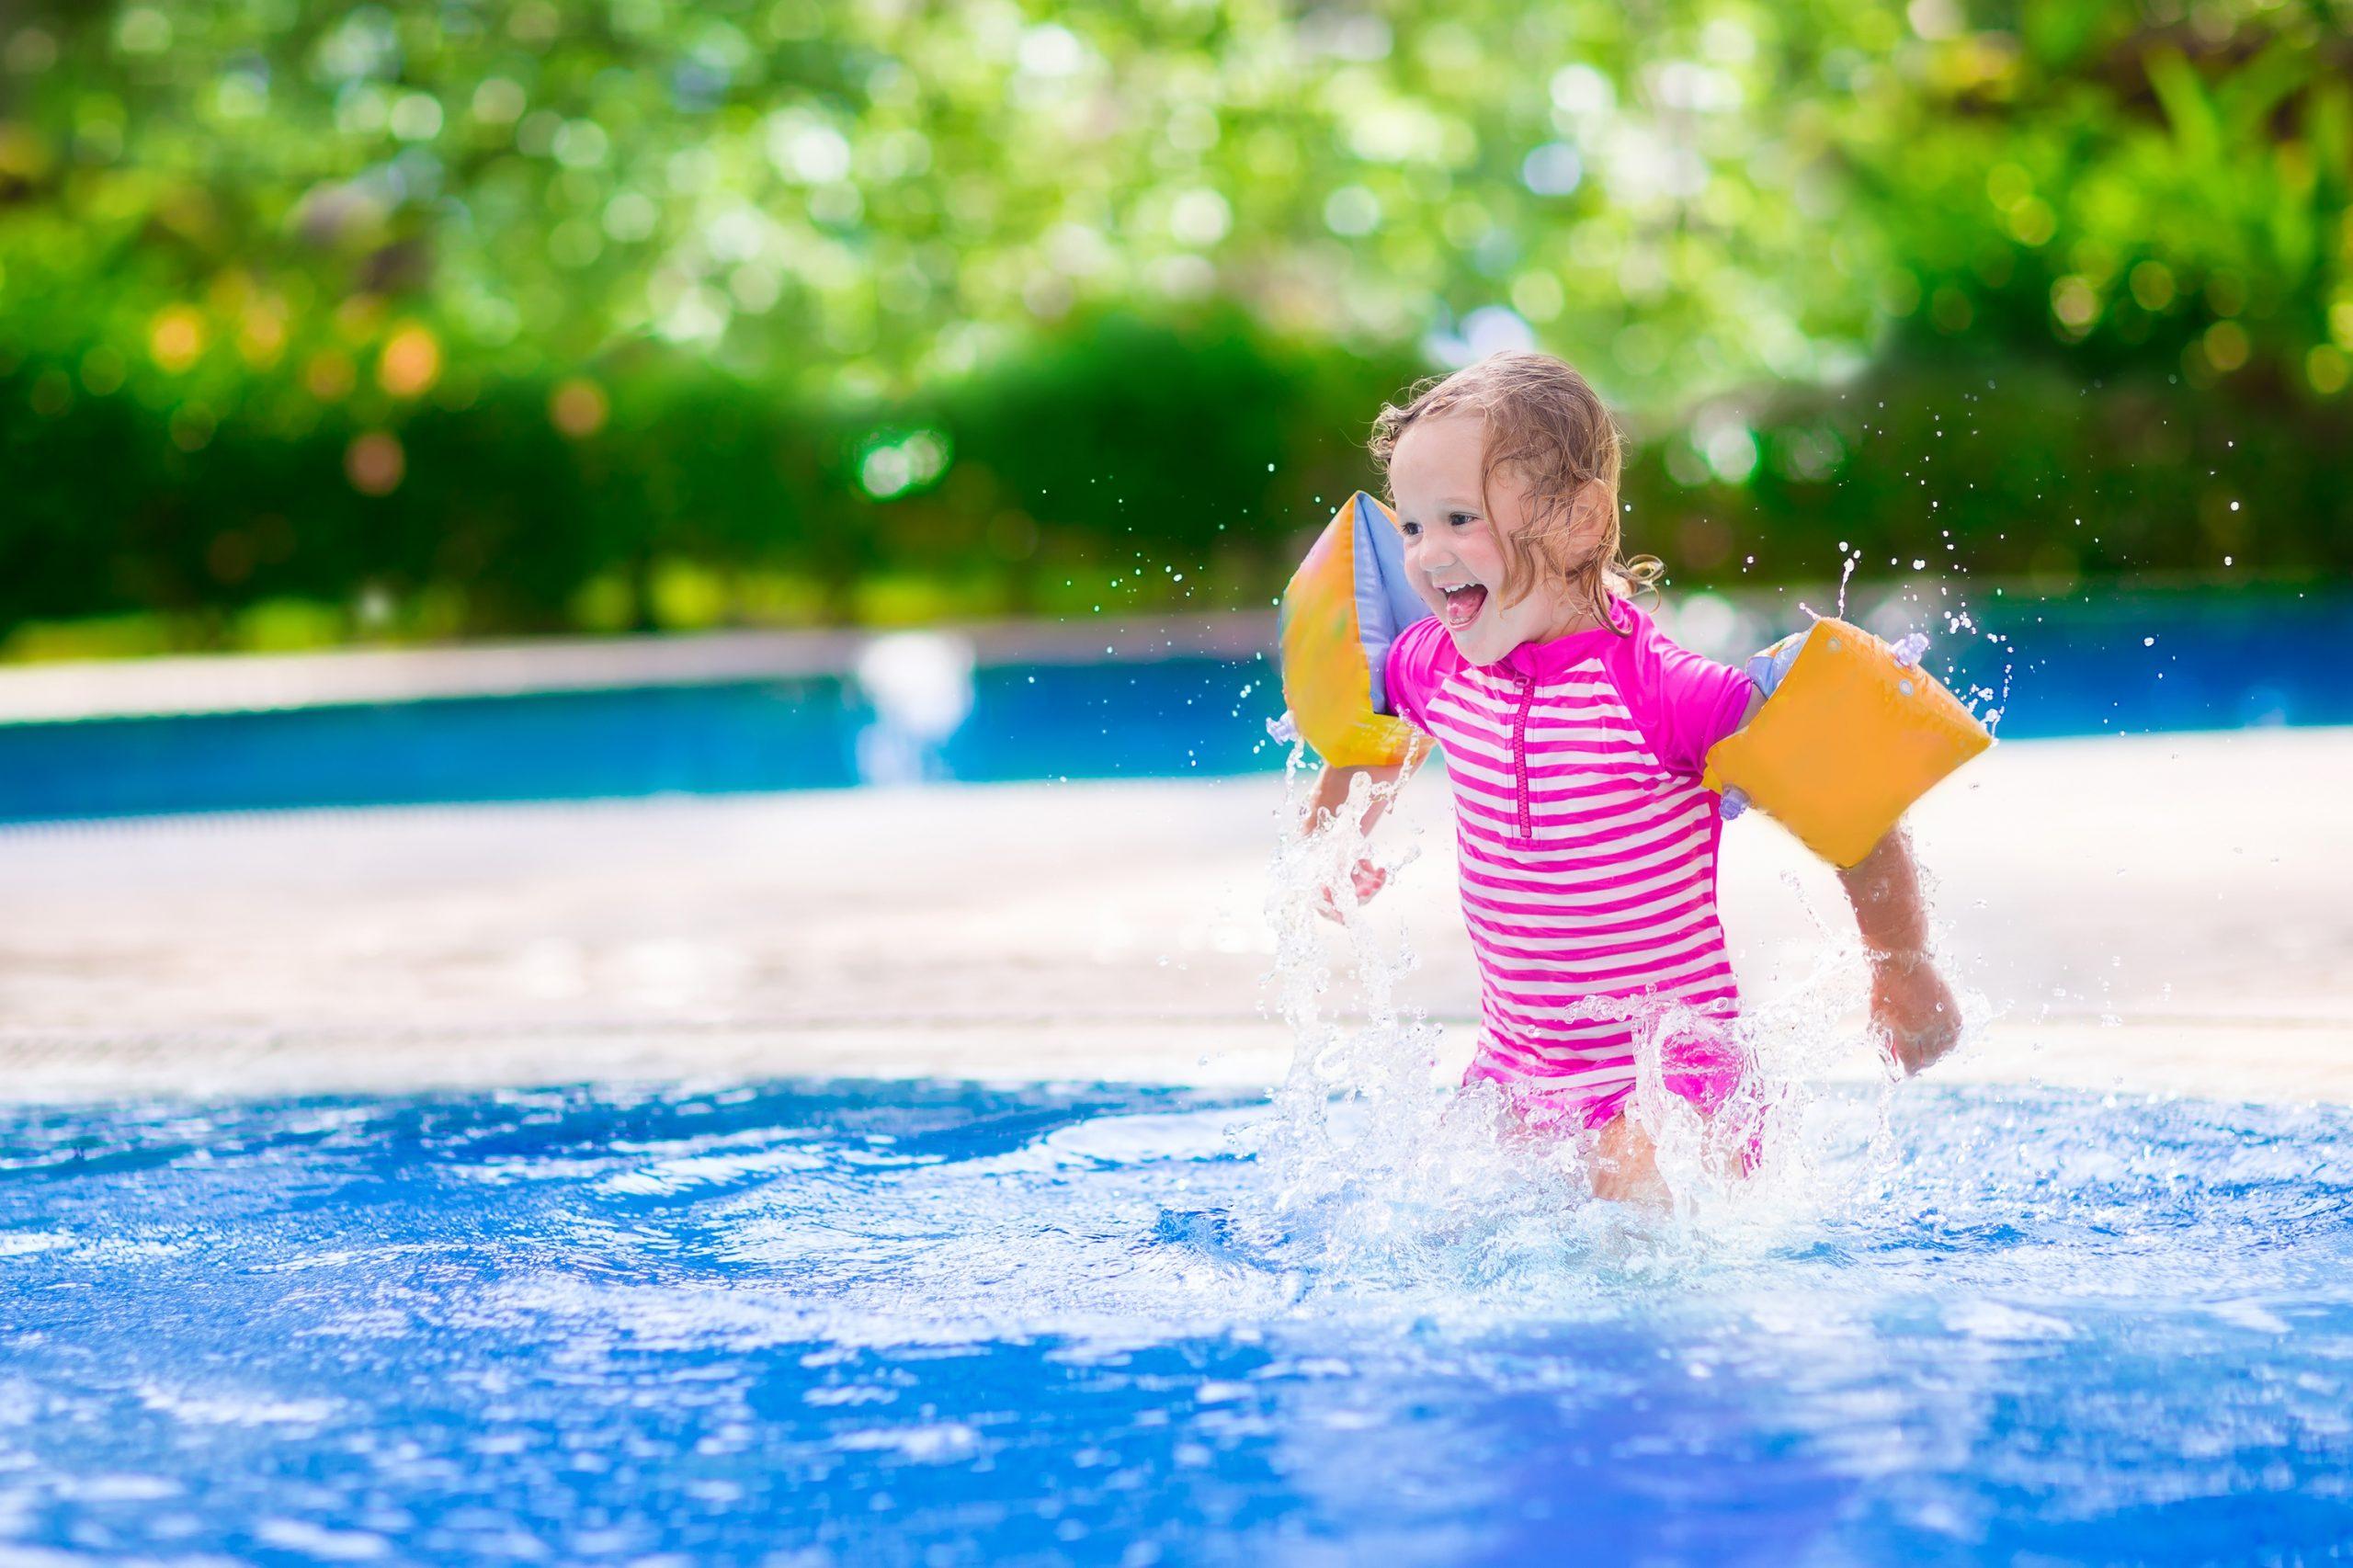 Zwembandjes: Wat zijn de beste zwembandjes van 2020?